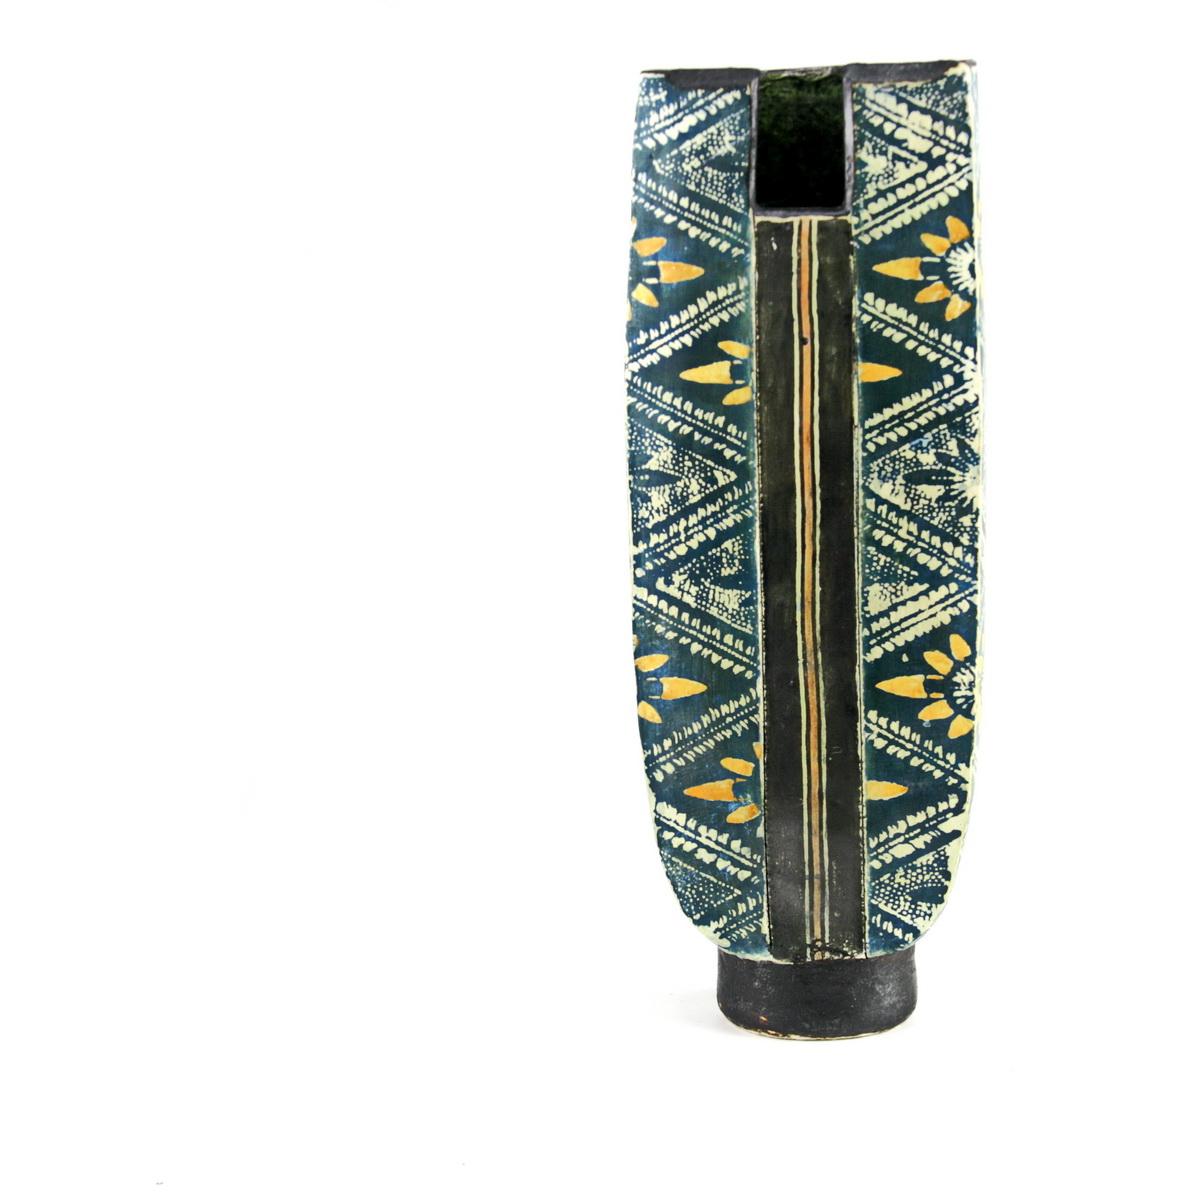 Pot in kimono 2 36x13cm £420 - P15